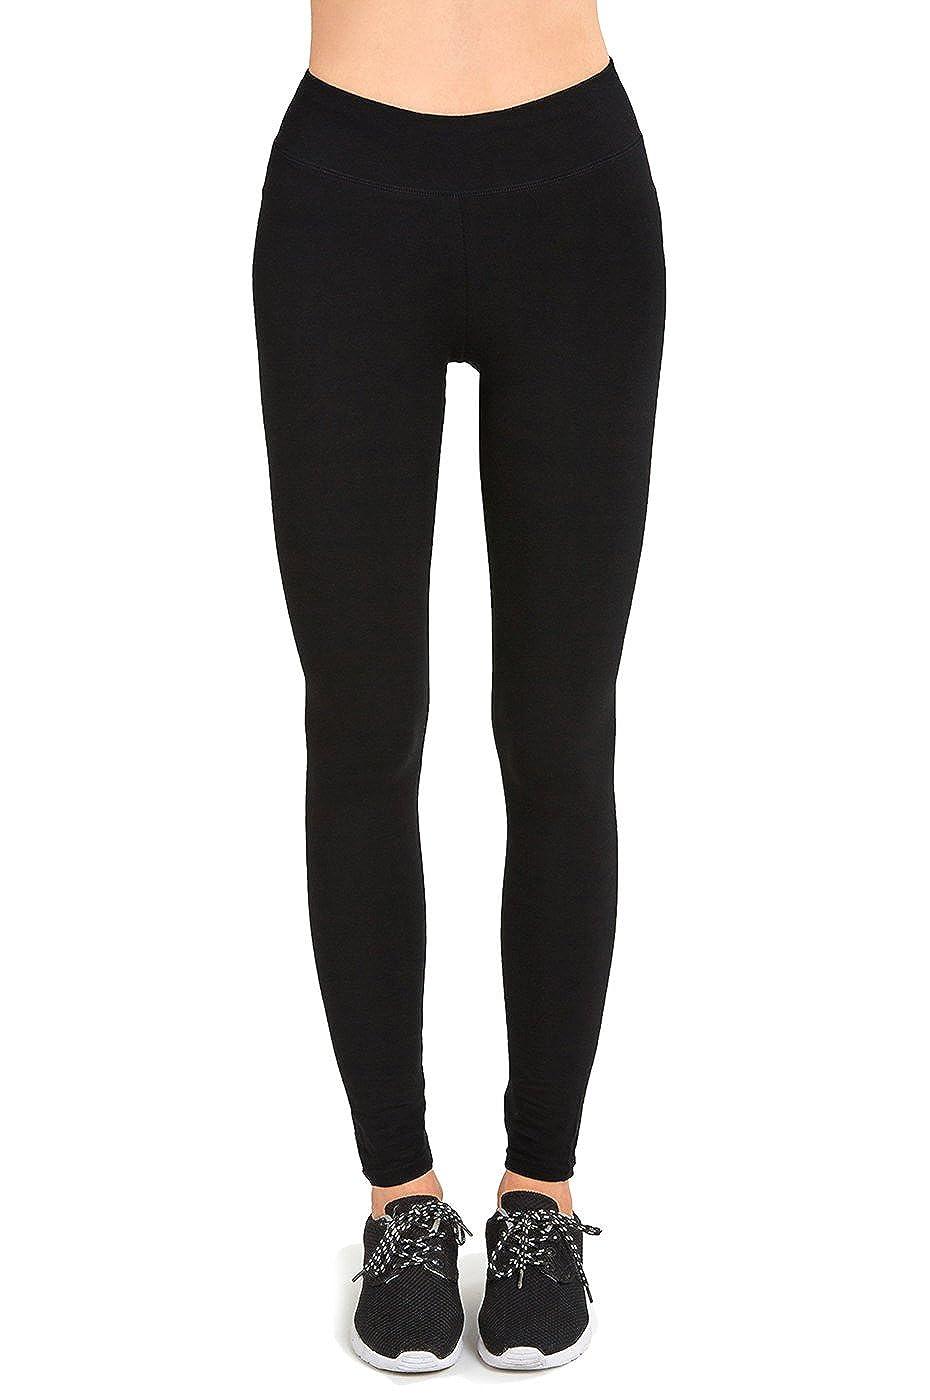 Sofra Women's Cotton Leggings WP40001_PARENT